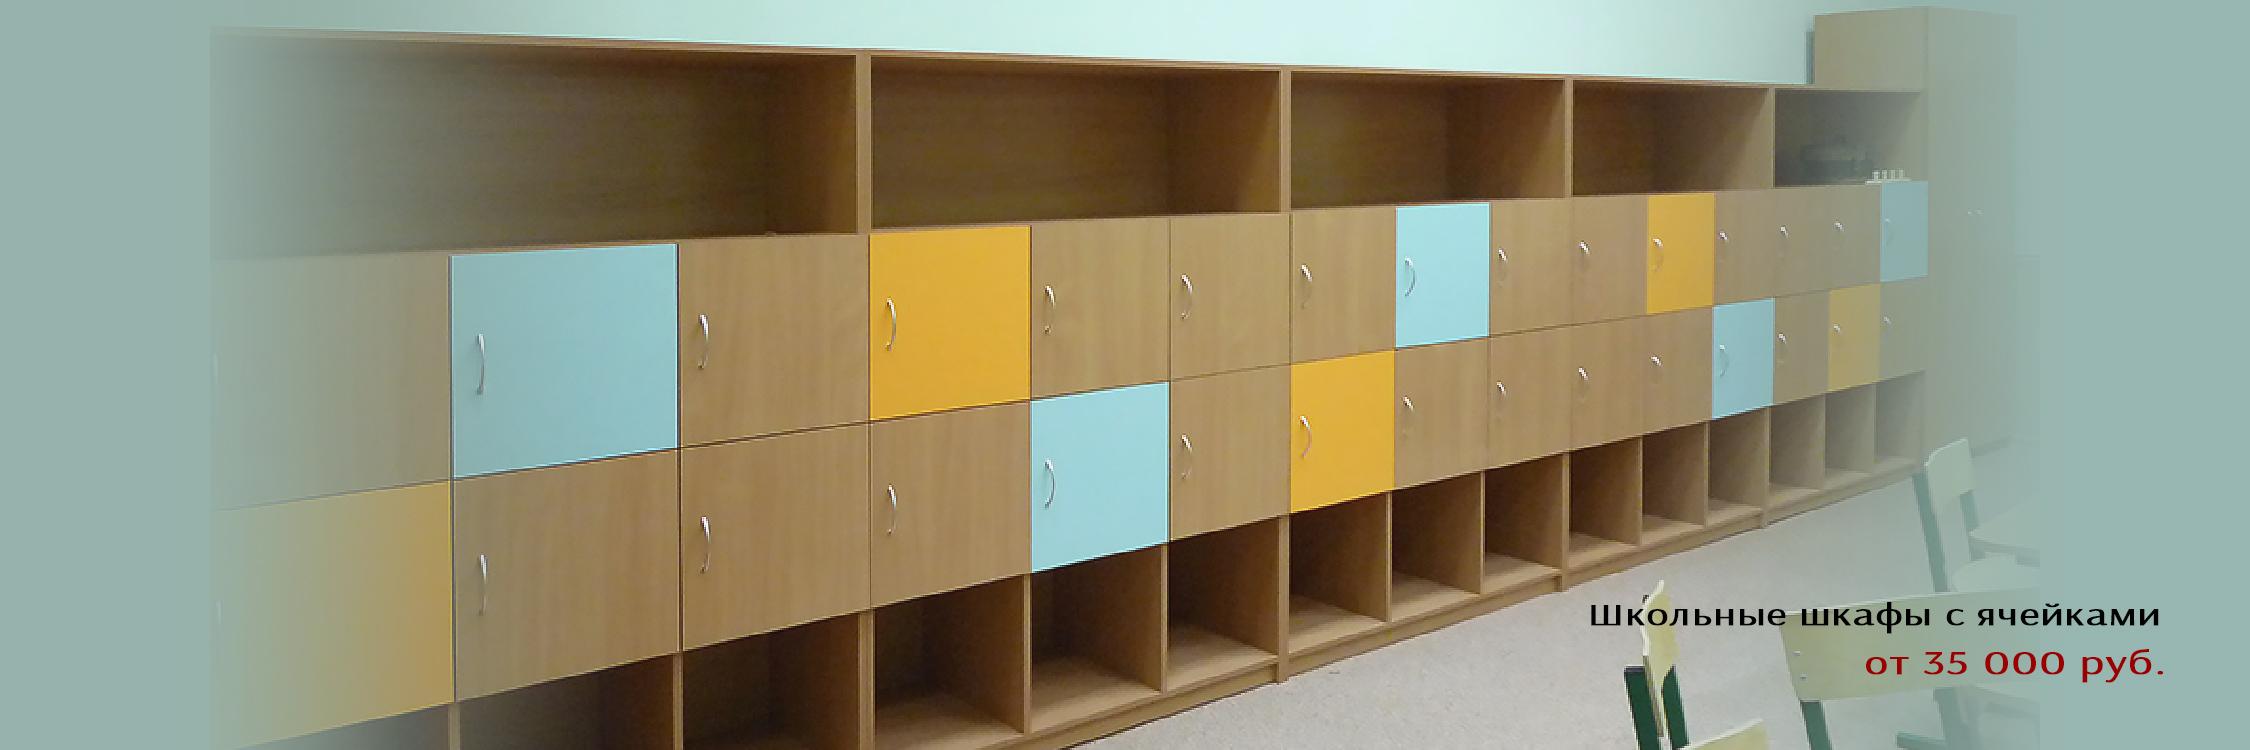 Школьные шкафы с ячейками на заказ